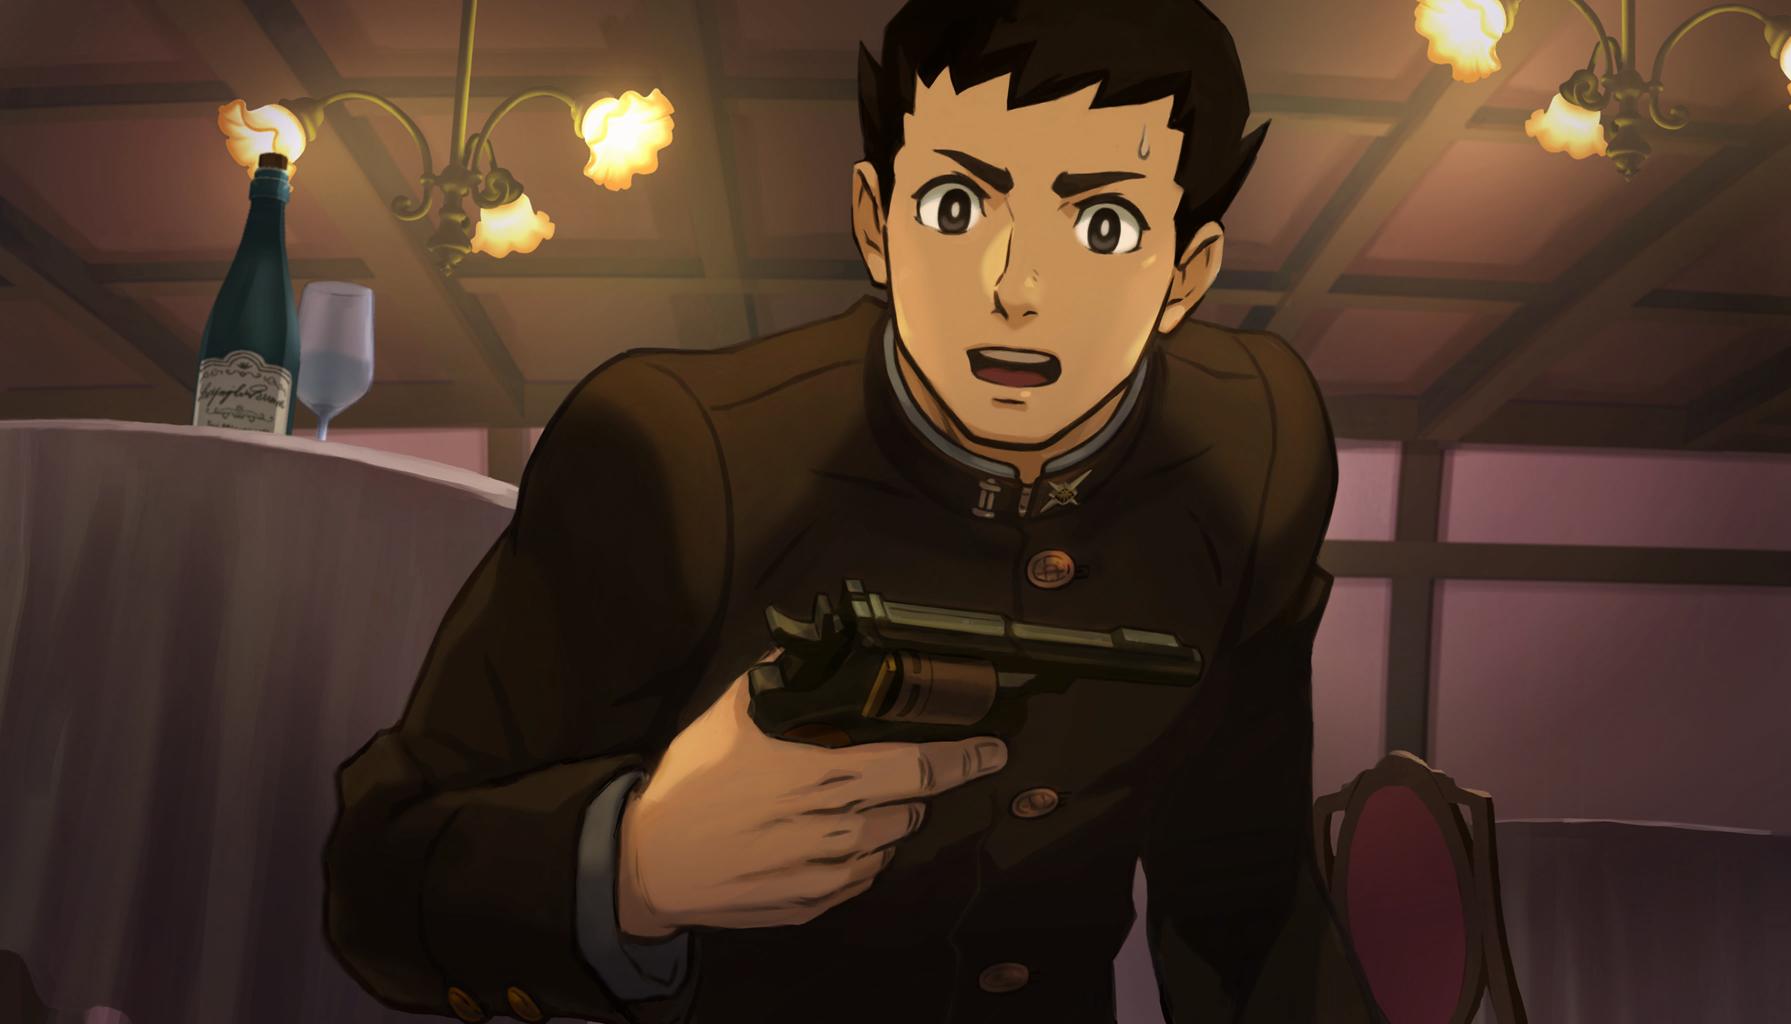 File:Ryuunosuke With A Gun.png